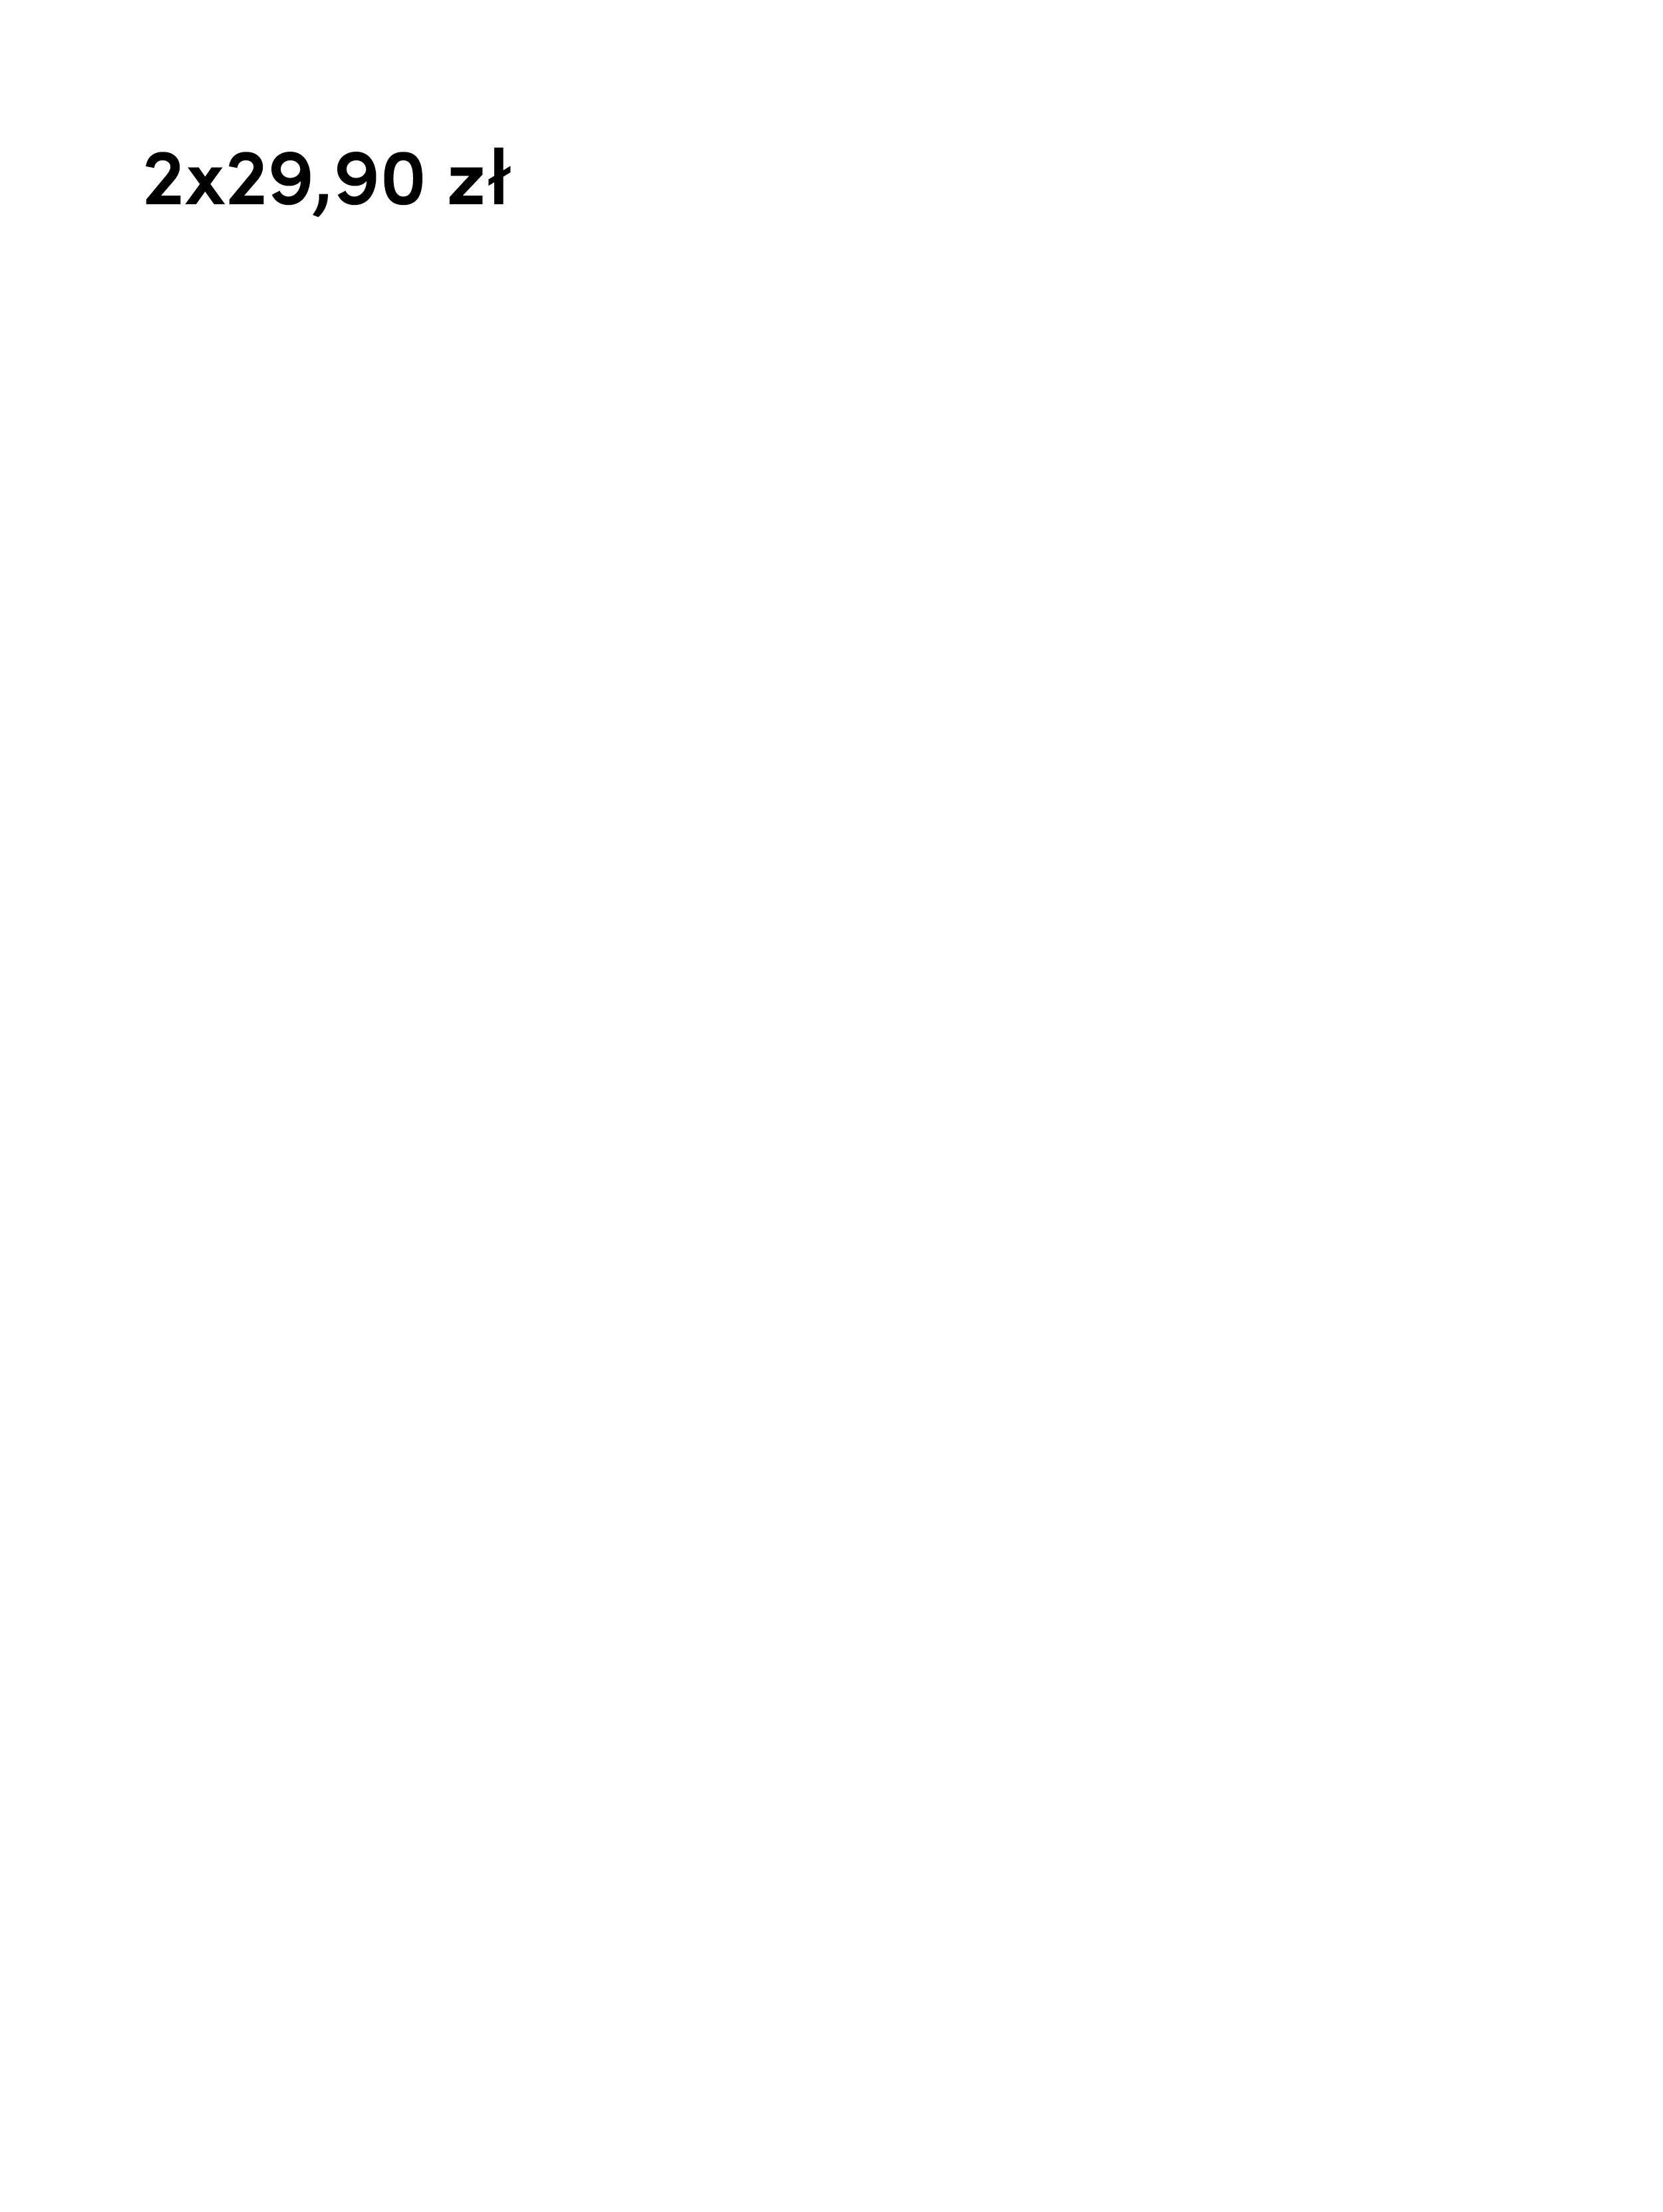 PL_2x29,90